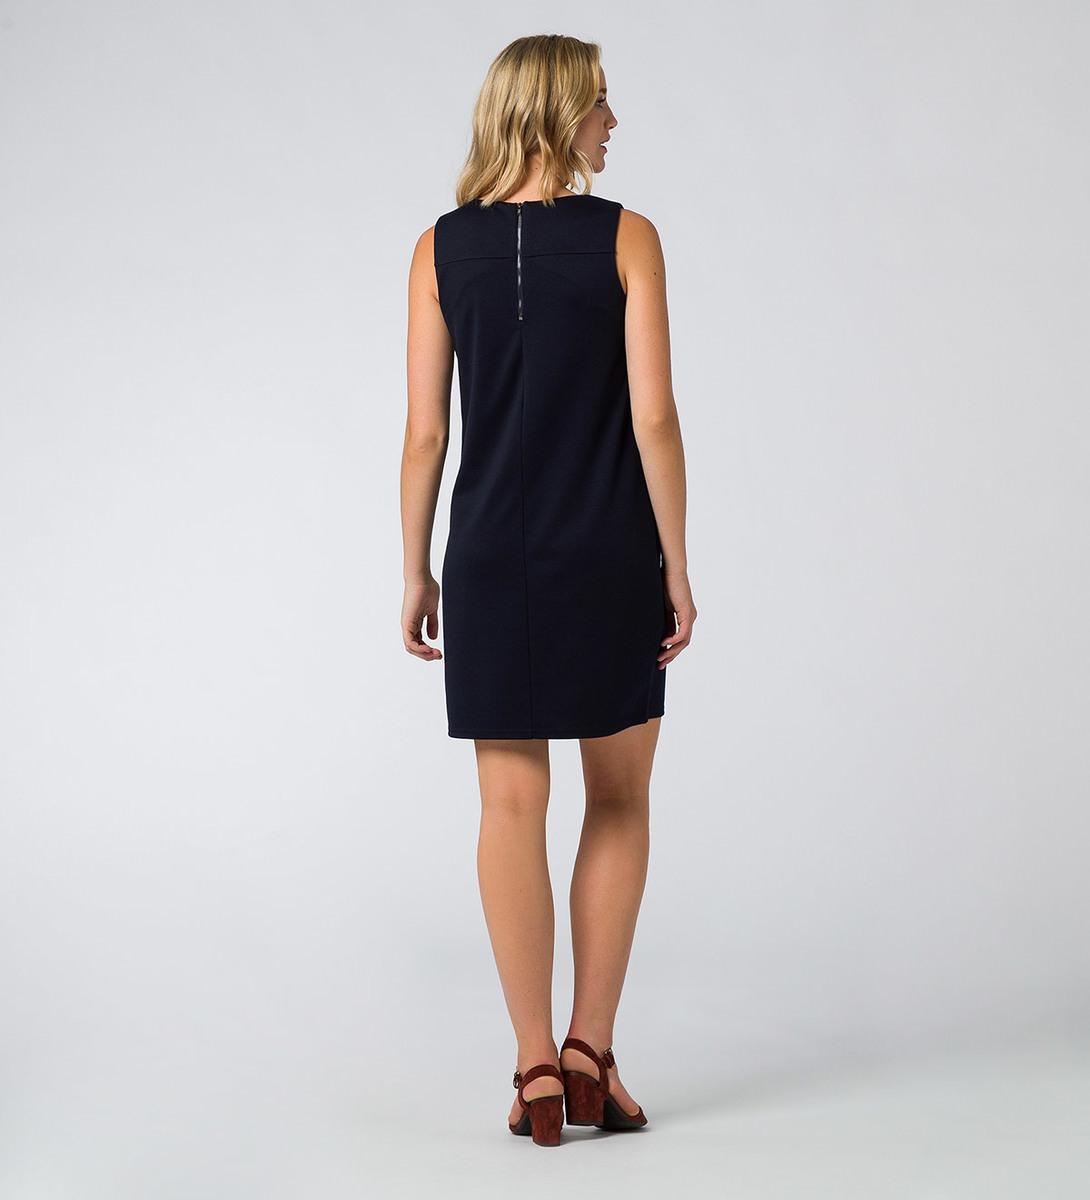 Kleid mit Rundhalsausschnitt in blue black